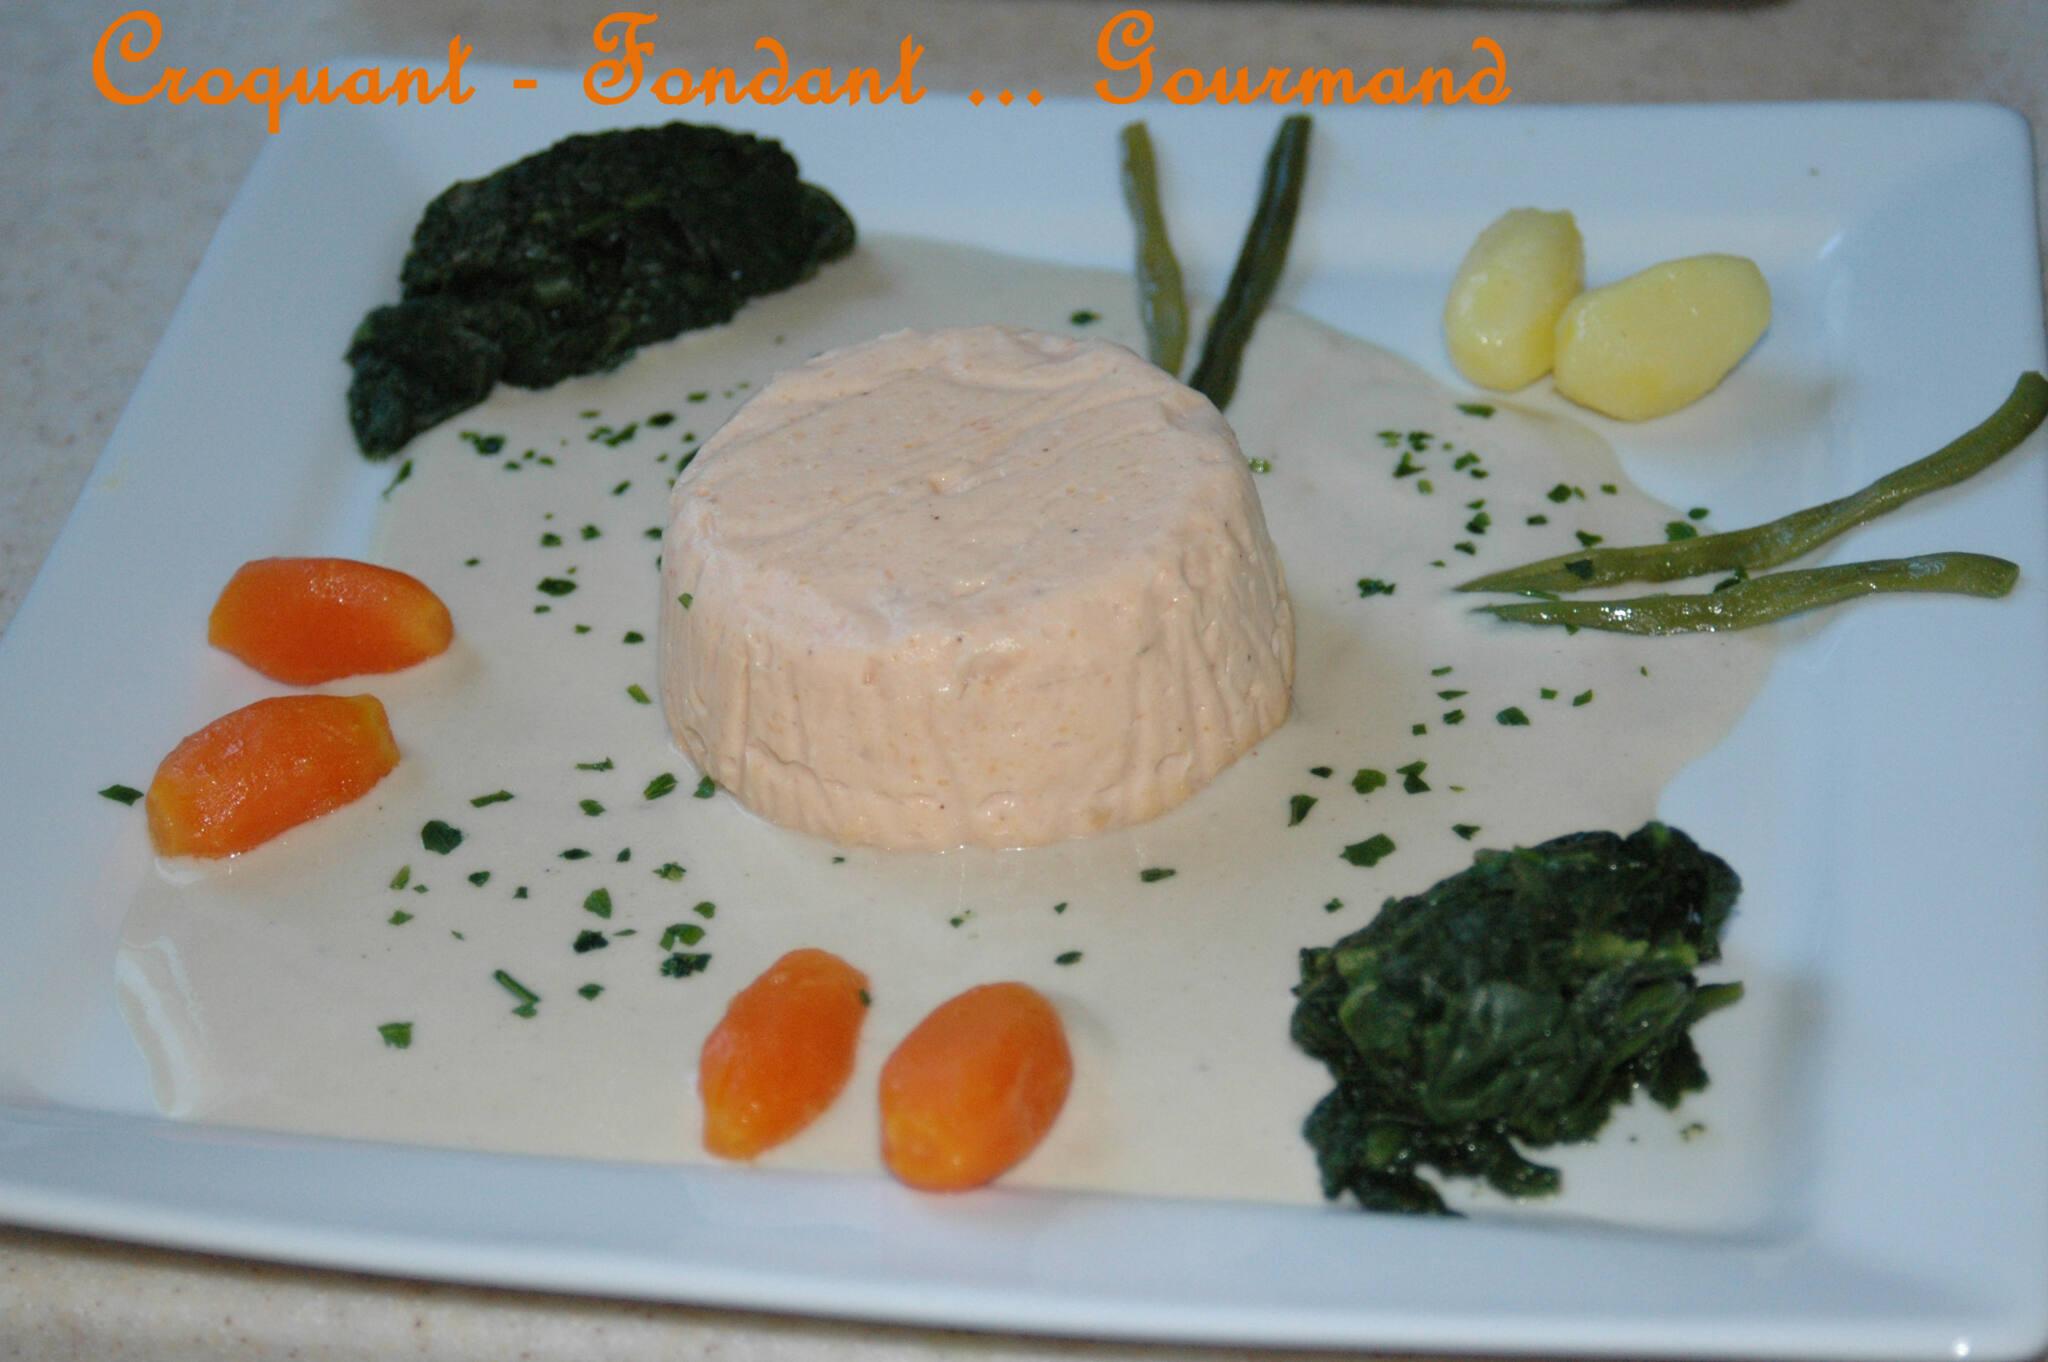 Mousse de saumon florentine - novembre 2008 164 copie